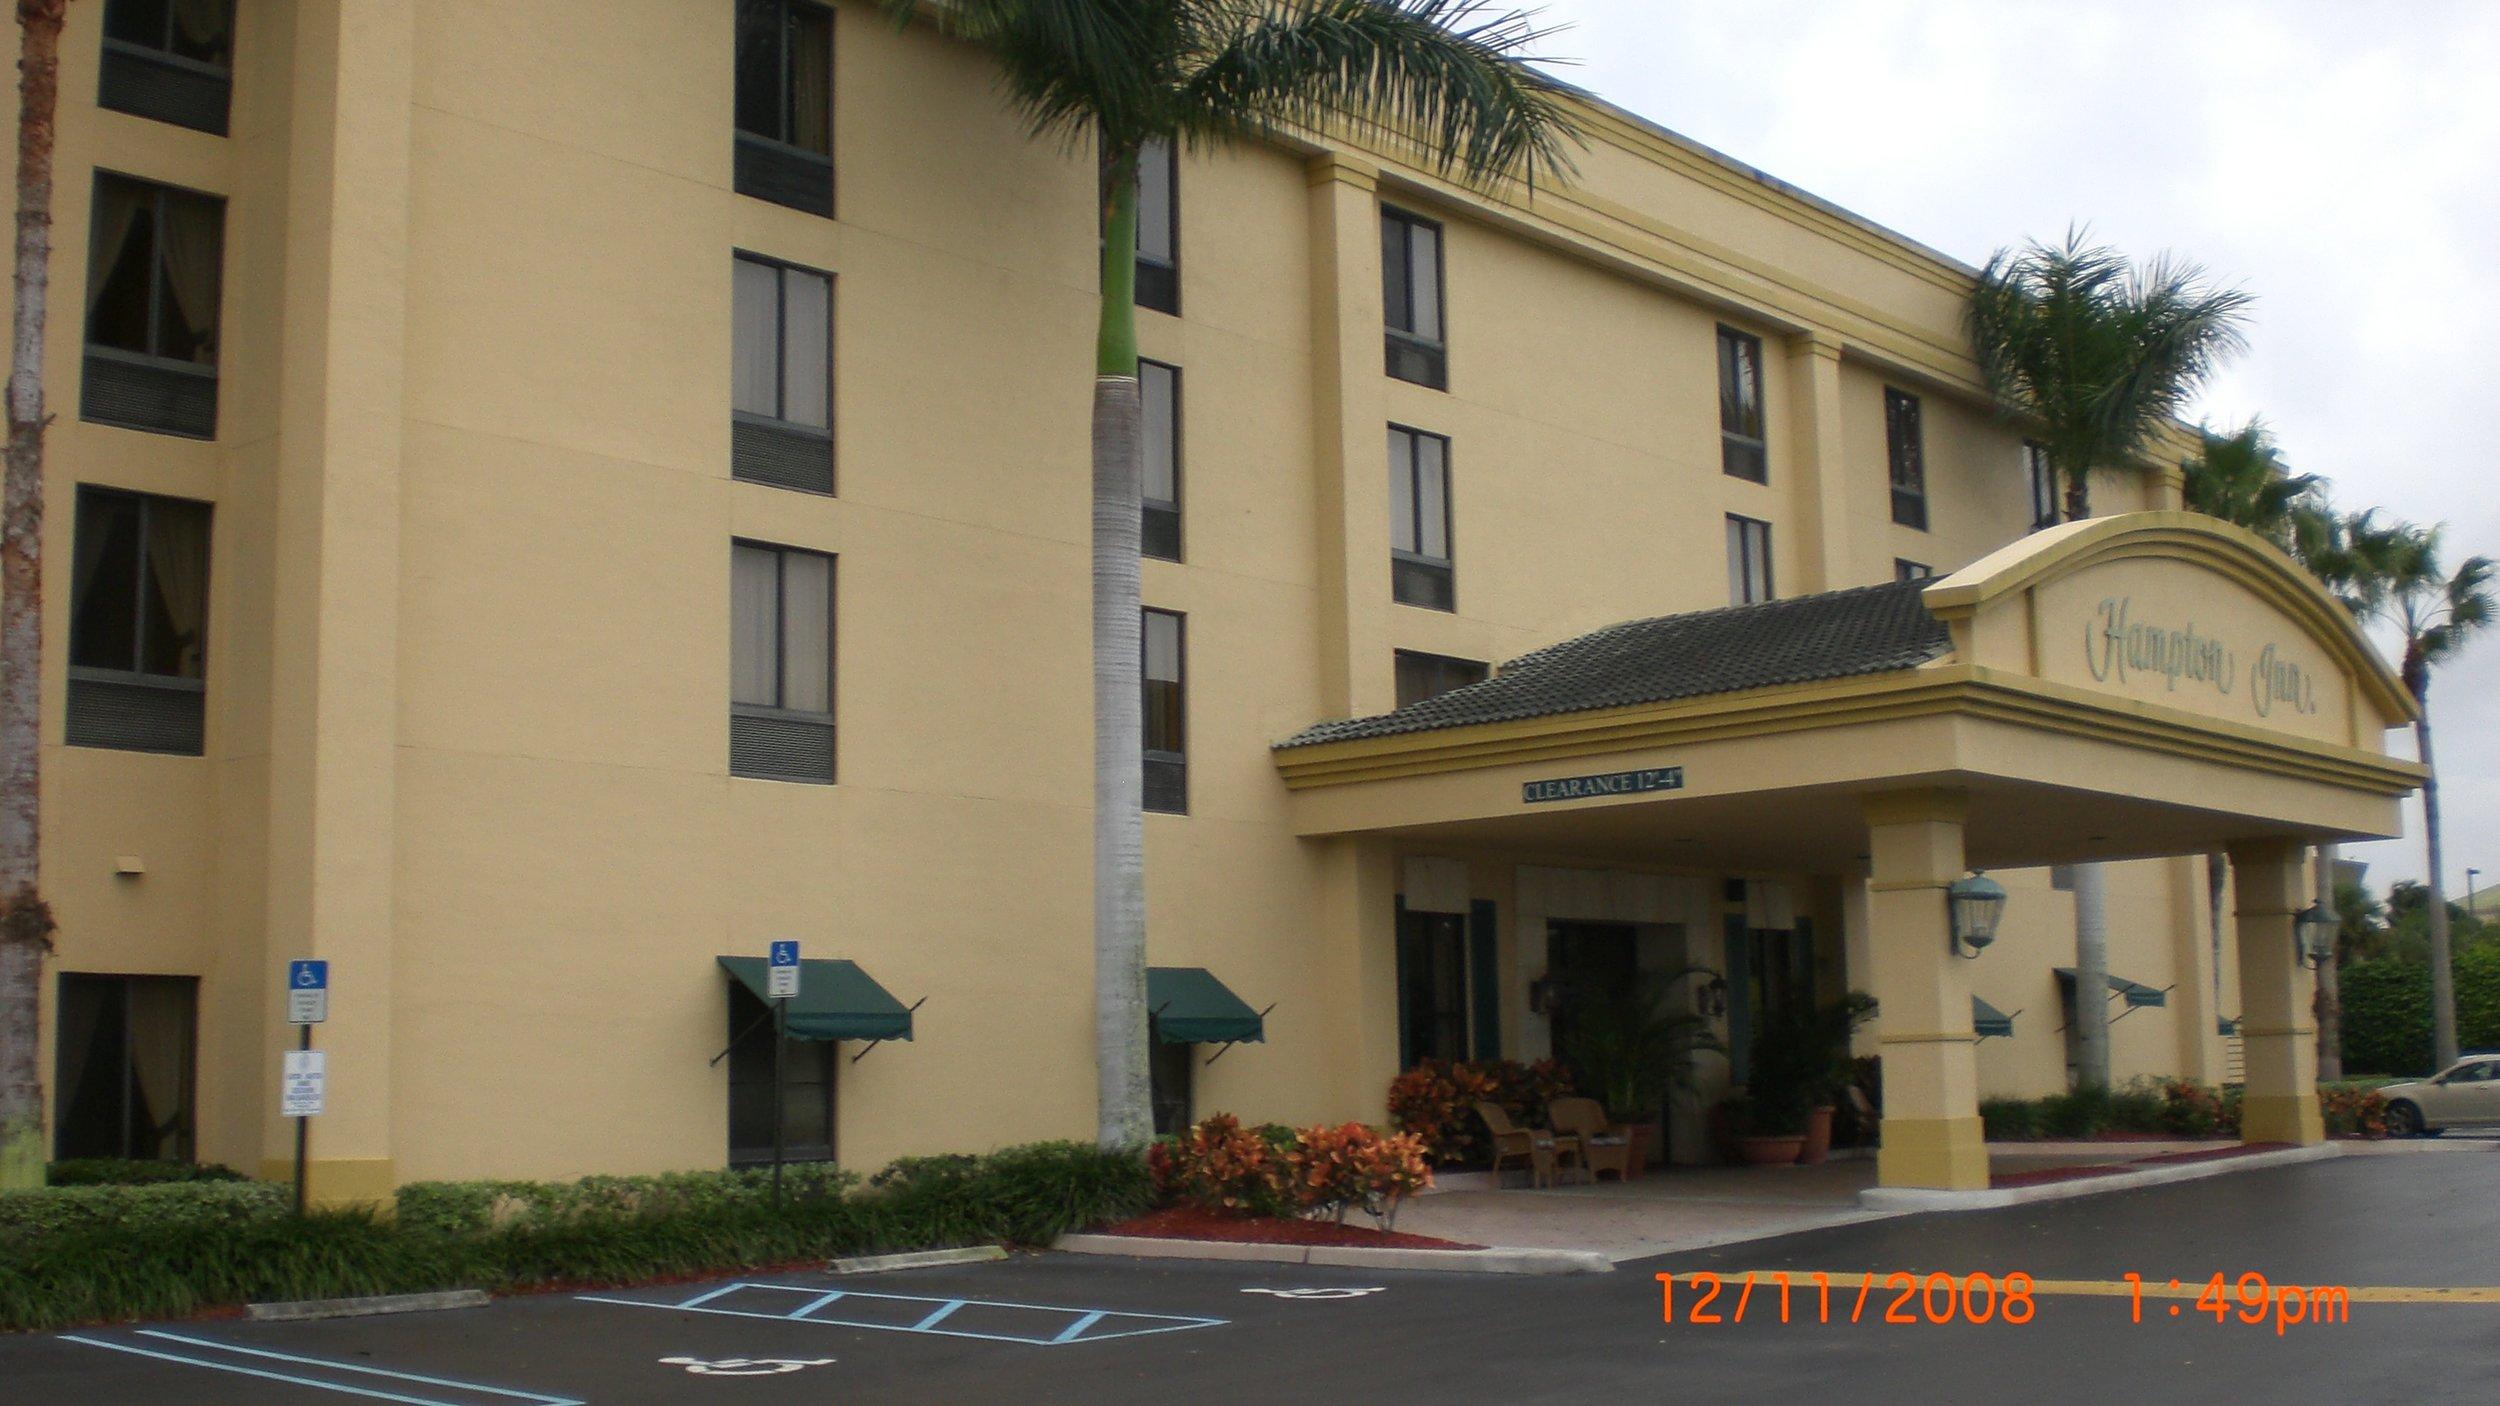 Hampton Inn-2008.JPG